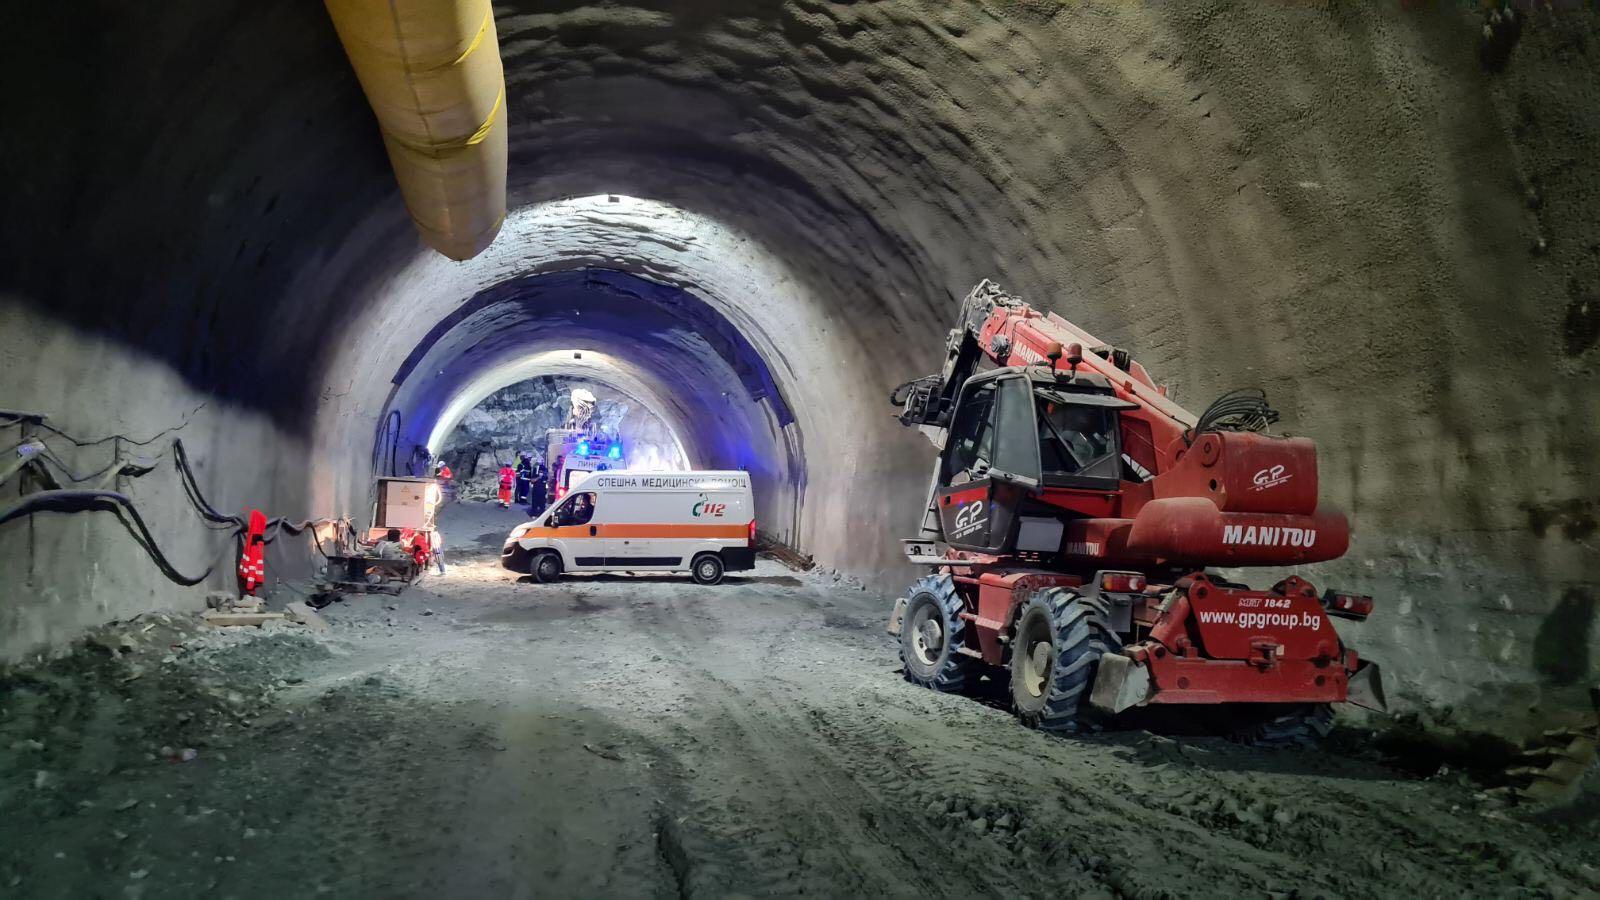 Около 10.40 часа днес се срути скална маса в тунела и затрупа трима от работещите на обекта